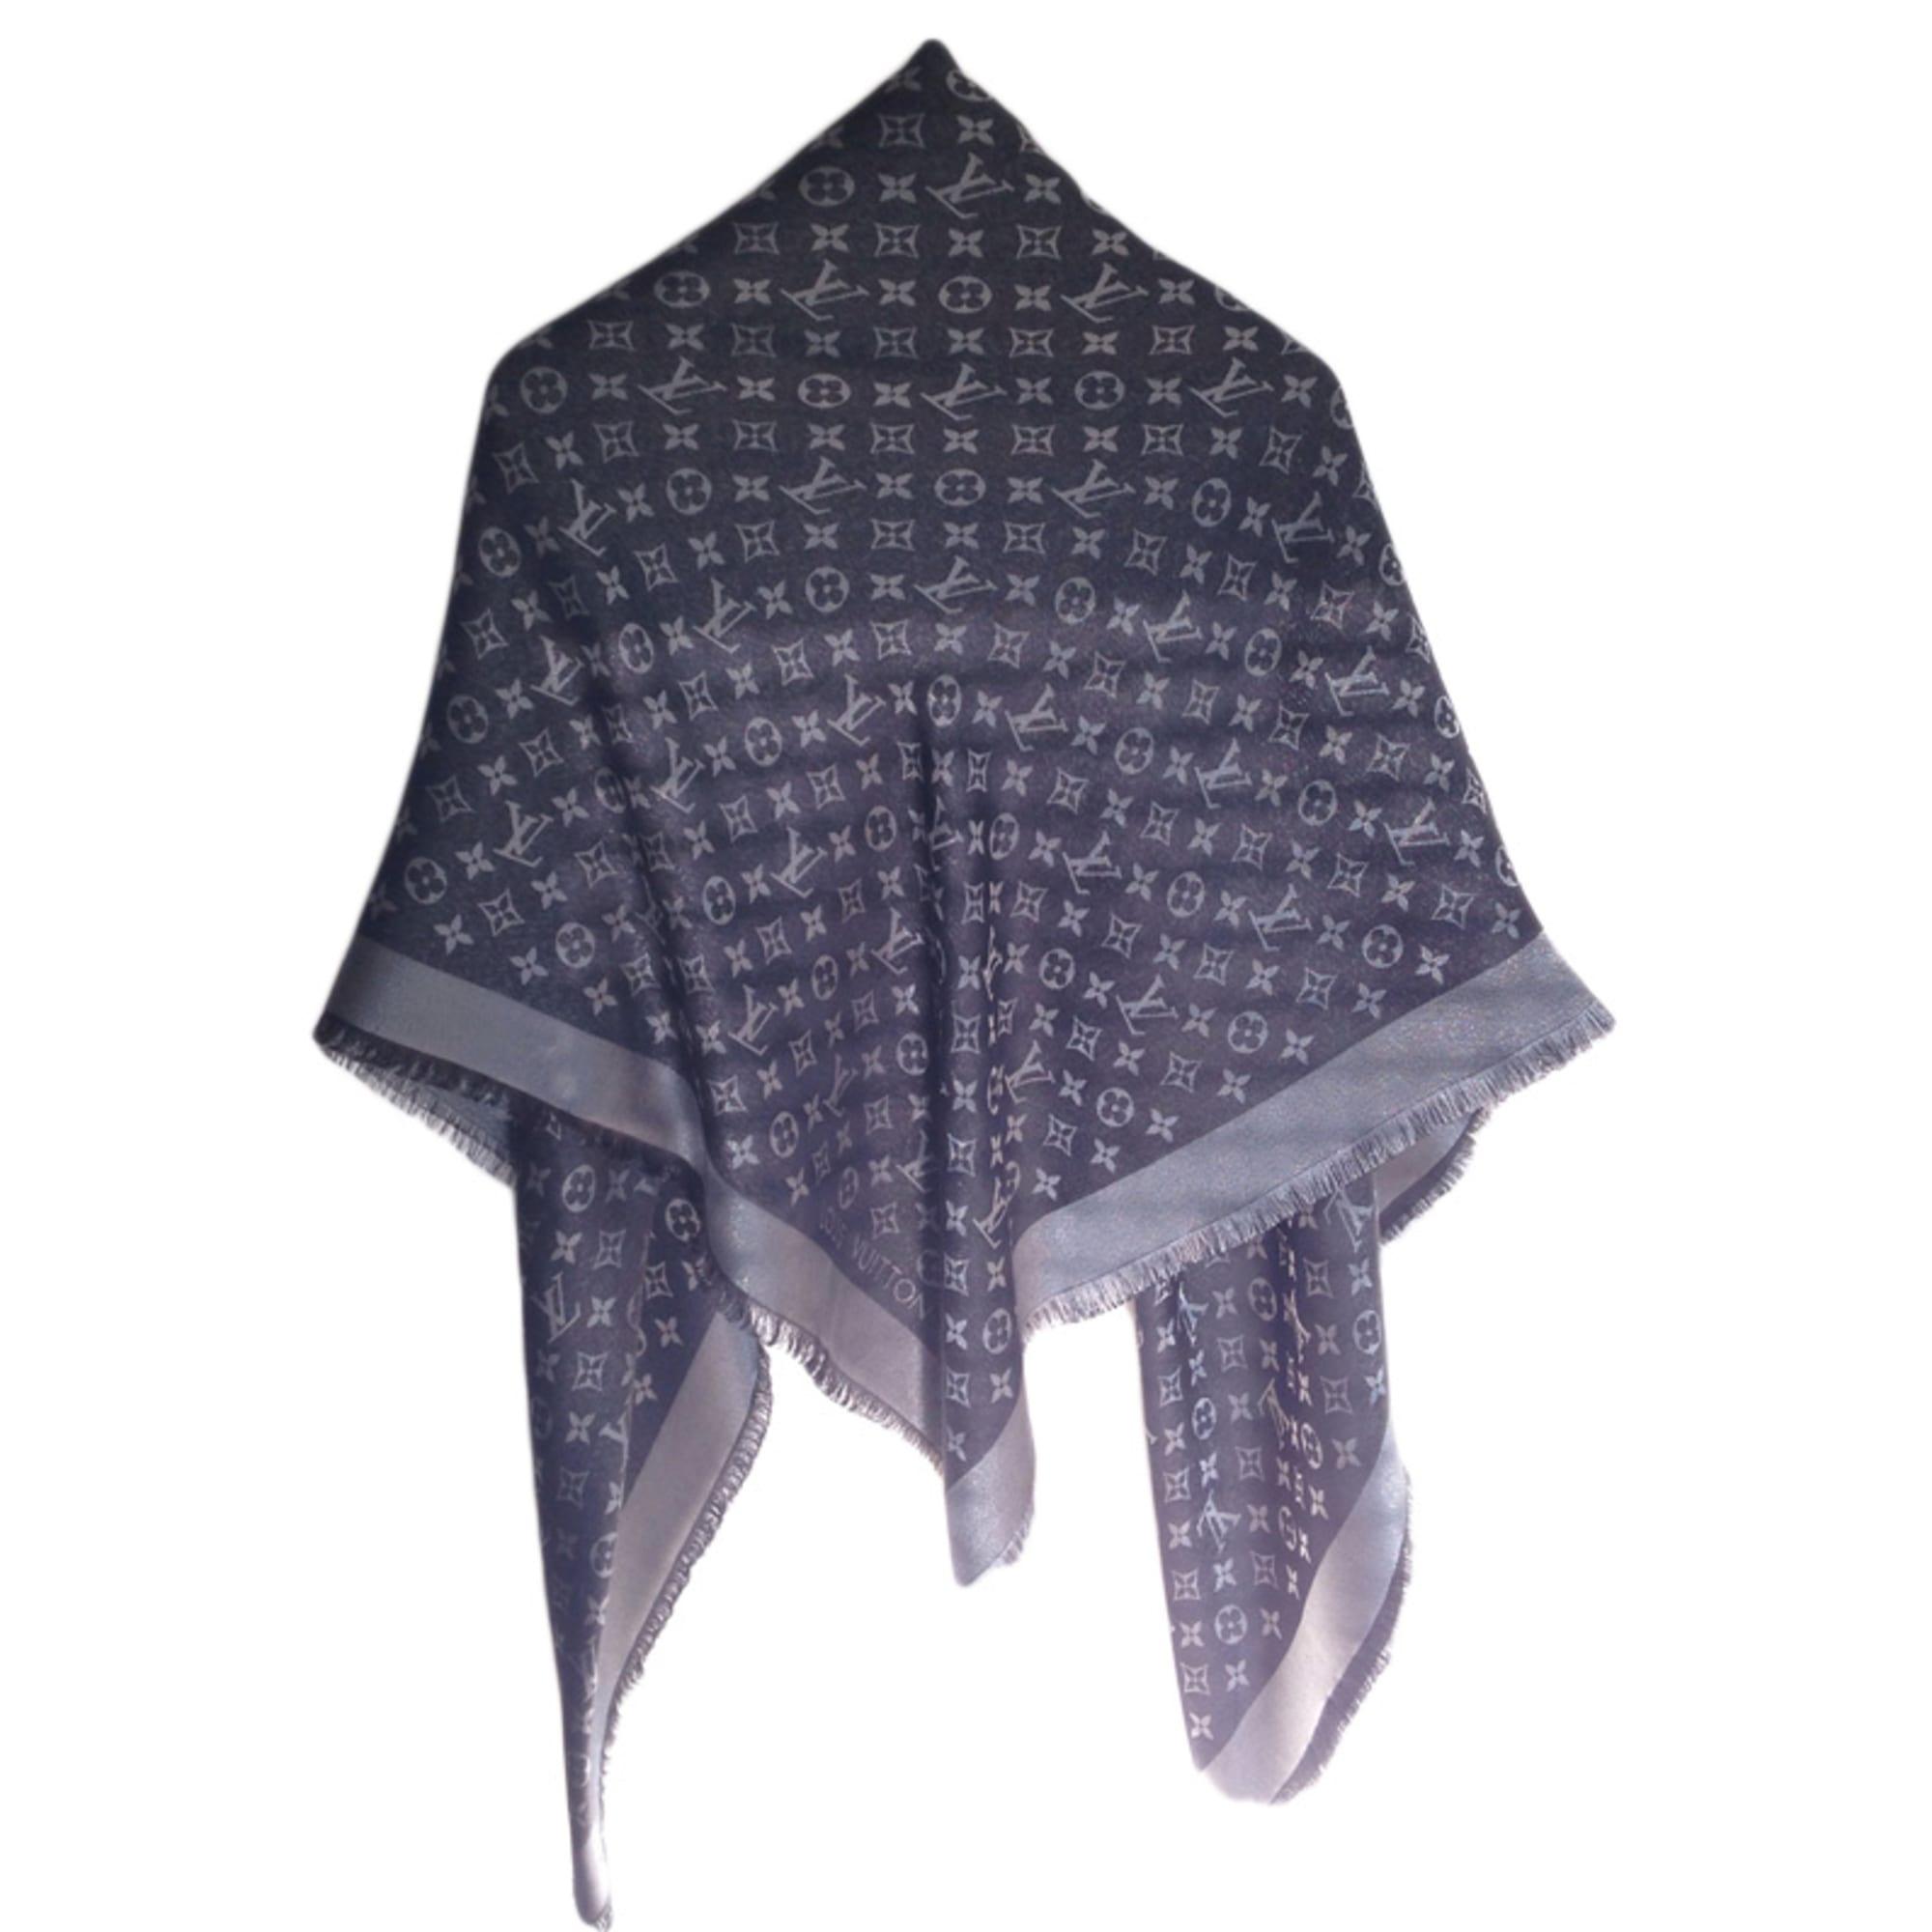 Châle LOUIS VUITTON noir vendu par Elo2602 - 3584822 5da1a176f2c